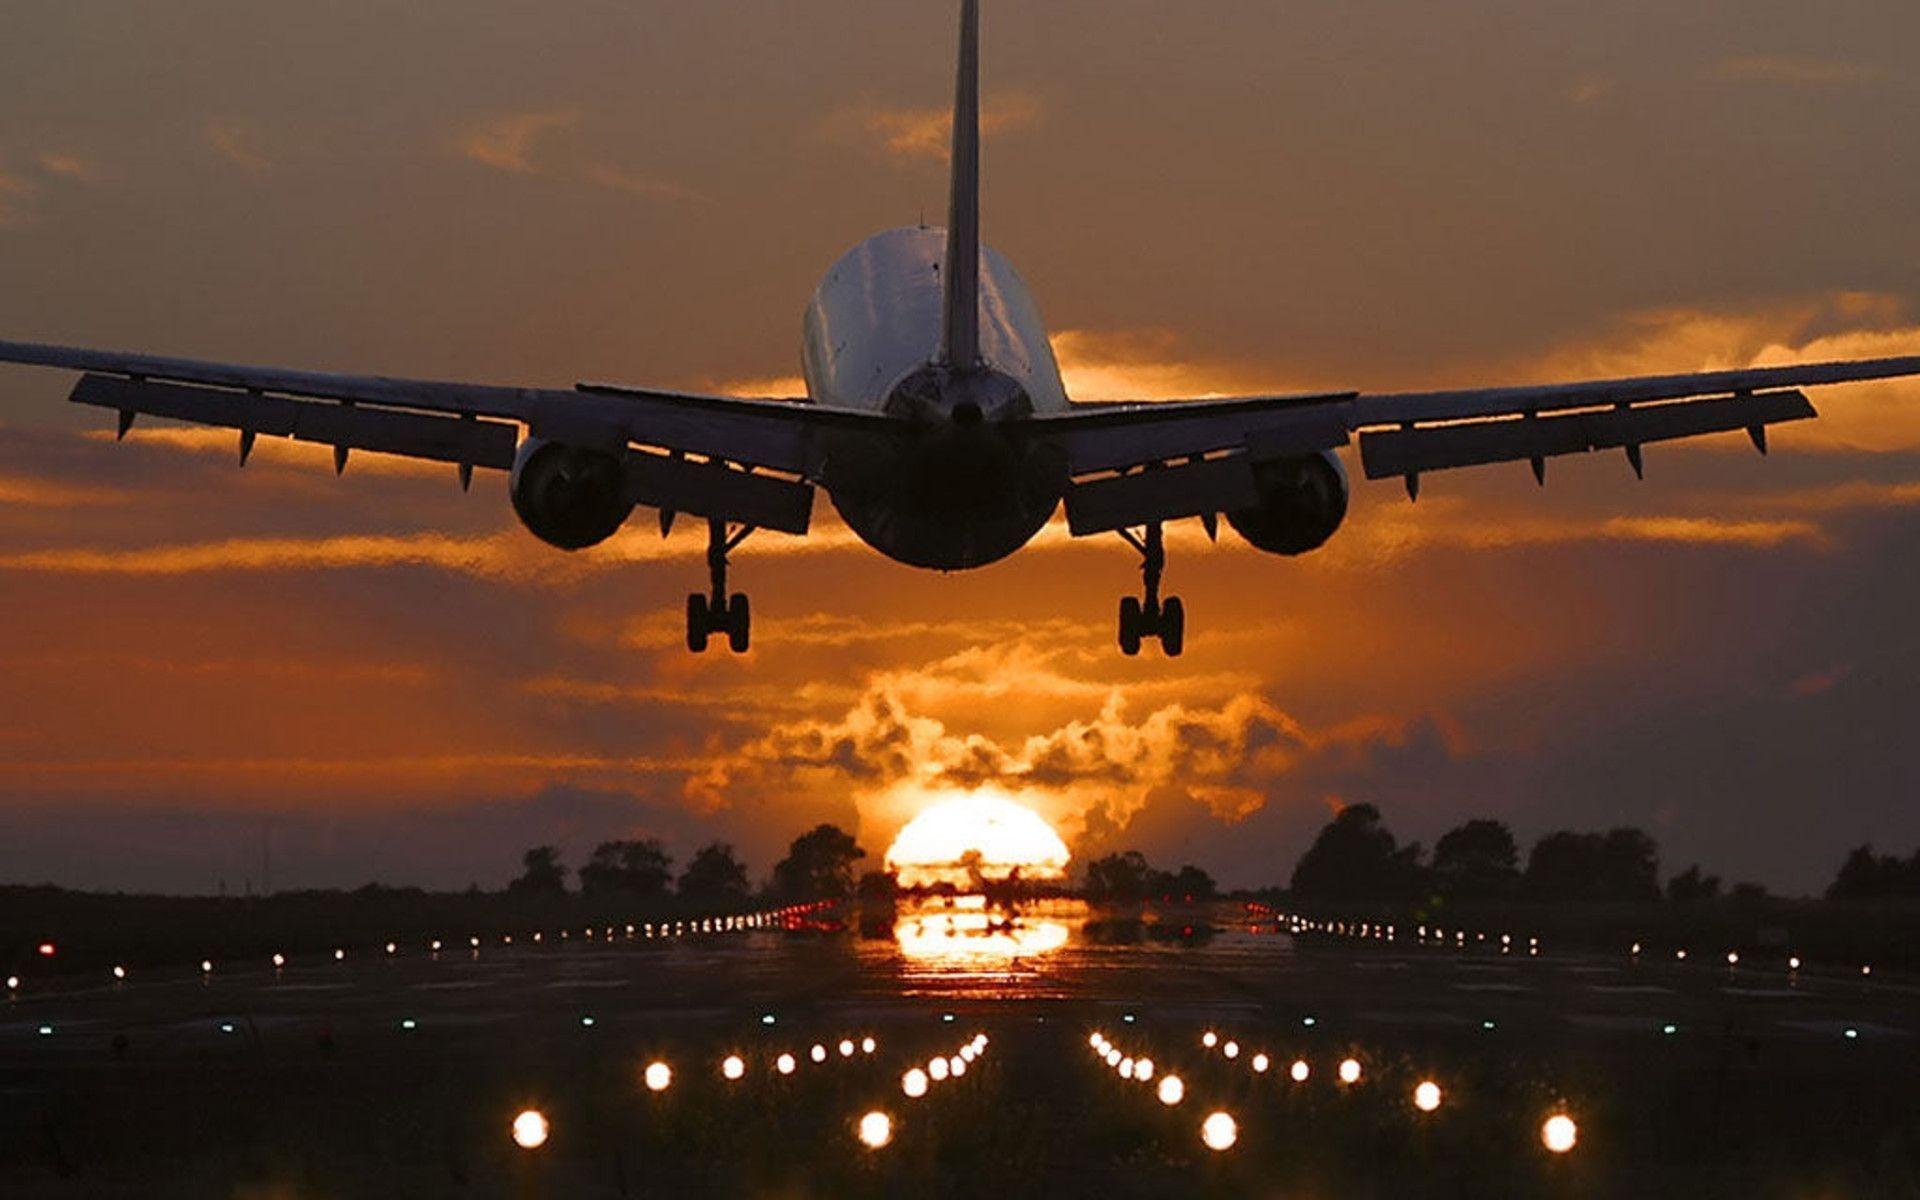 du an hang khong vietravel airlines du dieu kien de kien nghi thu tuong xem xet chap thuan chu truong dau tu